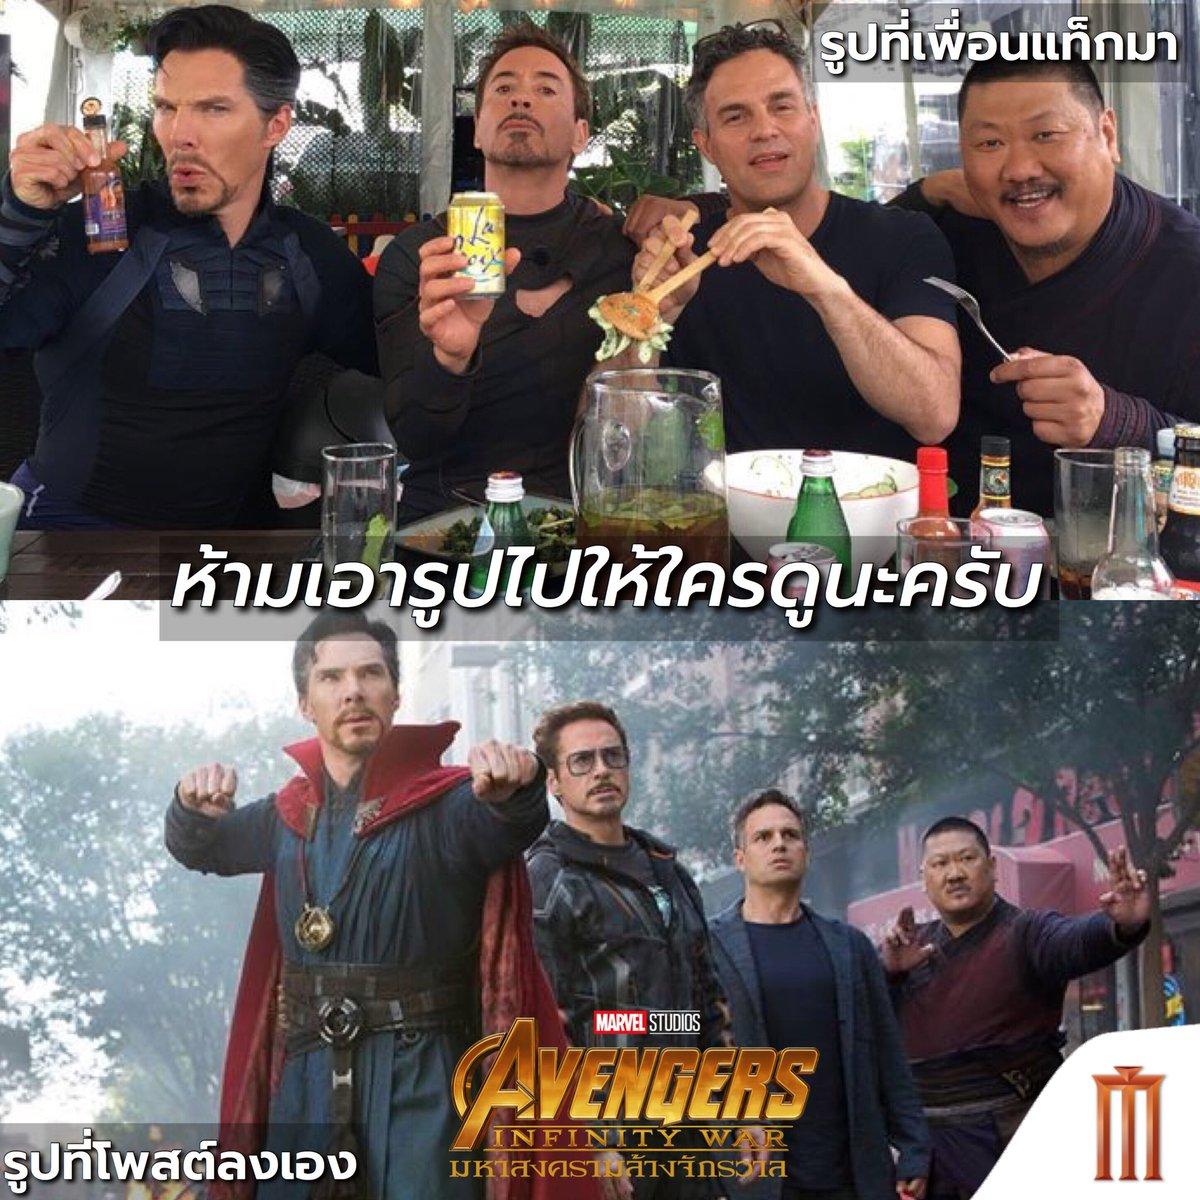 """""""วันวานที่แสนมีความสุข""""  แบบหลุดๆ ส่วนตัวเปรี้ยวสุดๆ  ของเหล่าอเวนเจอร์สผมสั้นสายวิชาการ  พบกับ ดร.สเตรนจ์ ไอรอนแมน ฮัลค์และหว่องใน #Avengers #InfinityWar  """"มหาสงครามล้างจักรวาล"""" เข้าฉายไทยวันพุธที่  25 เมษายนนี้ก่อนอเมริกาสองวันในระบบ  IMAX3D และ 4DX"""